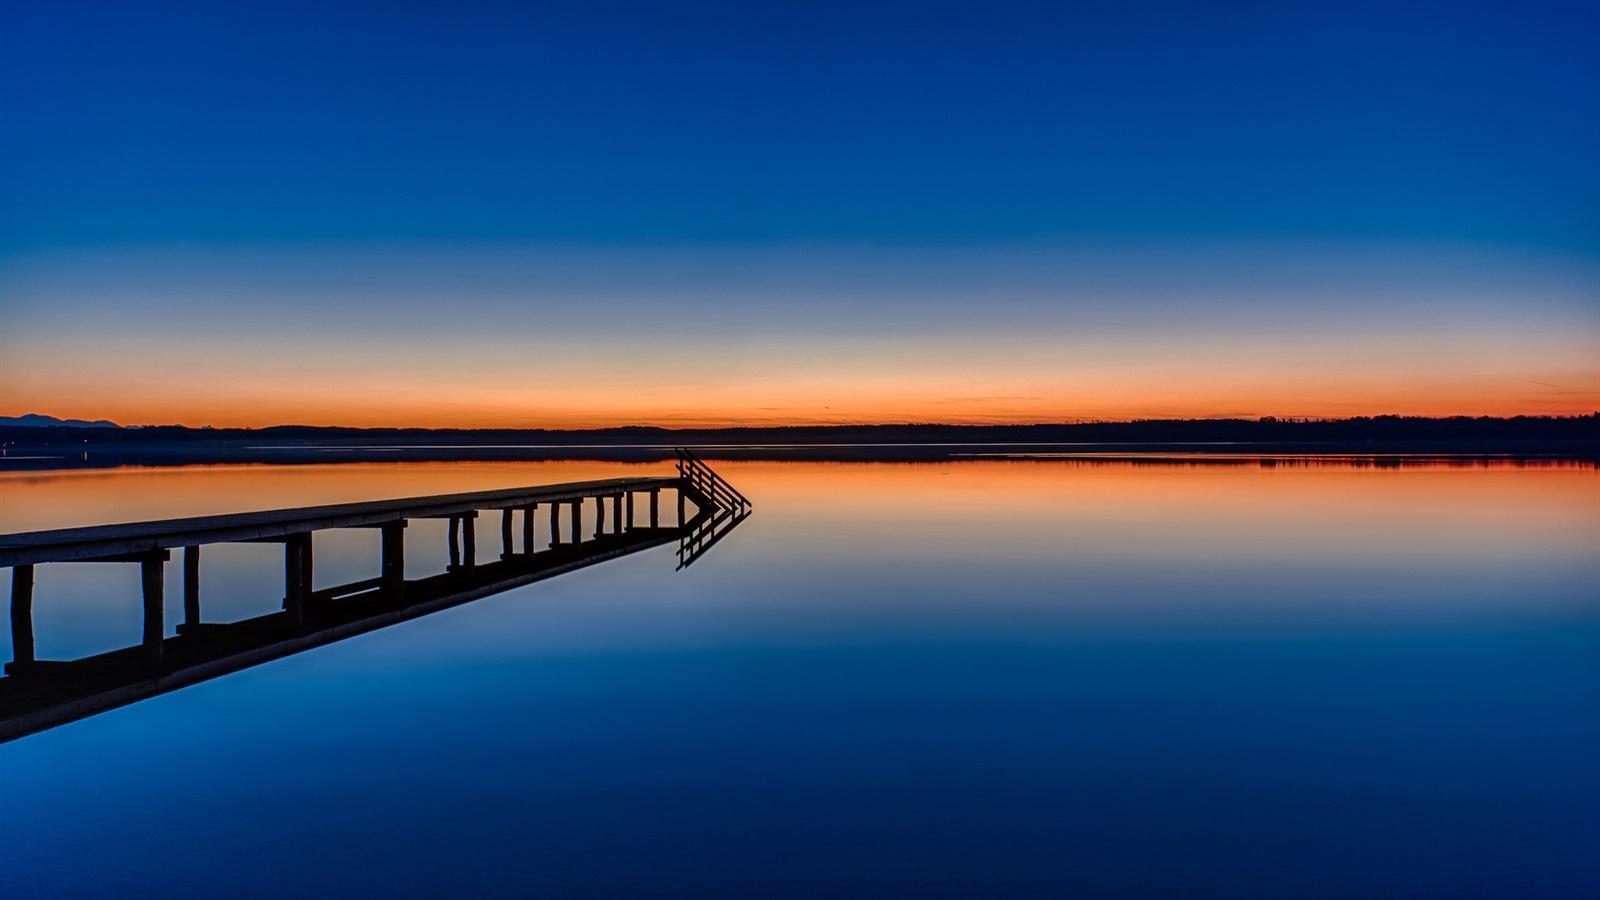 平靜的湖面,橋�...